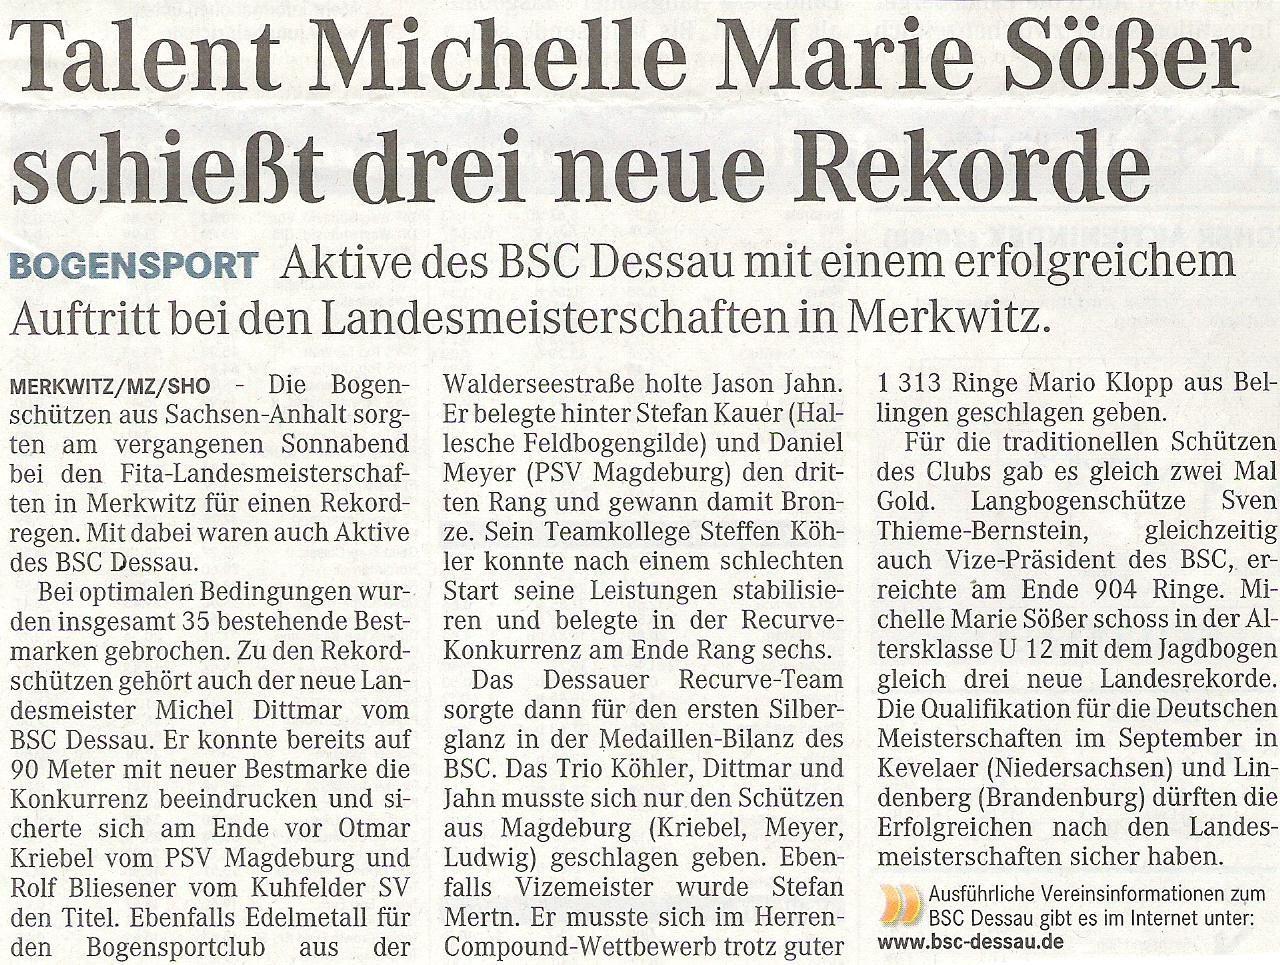 LM FITA Scheibe in Merkwitz – Mitteldeutsche Zeitung vom 02.07.2009